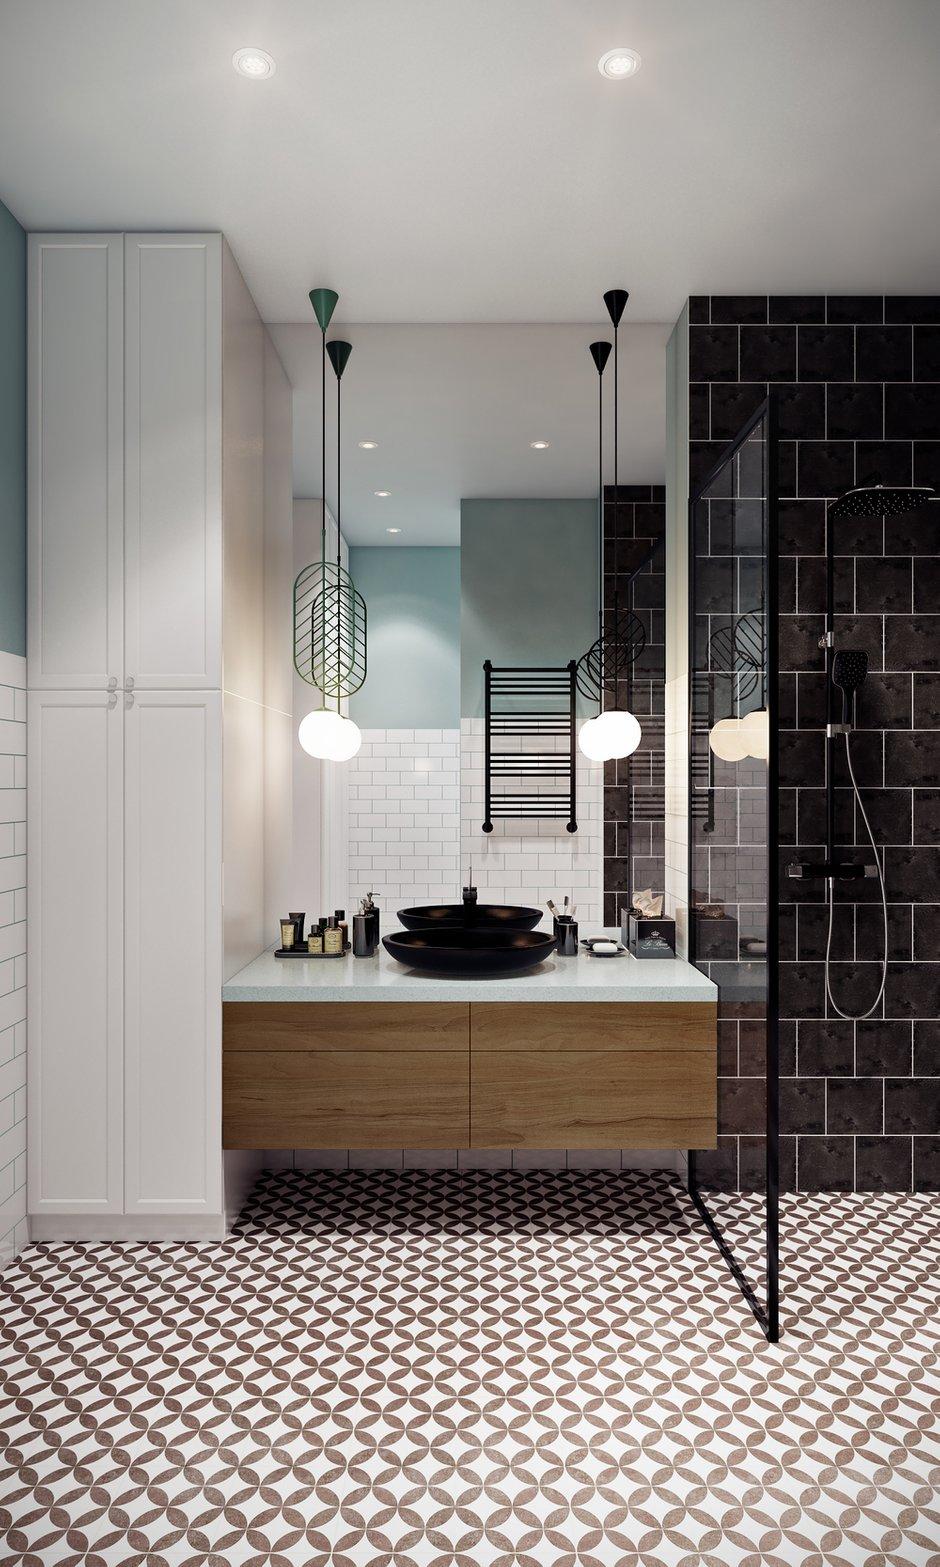 Фотография: Ванная в стиле Скандинавский, Квартира, Проект недели, Samsung, Co:Interior, 2 комнаты, 60-90 метров, Москав, mid-century modern – фото на INMYROOM